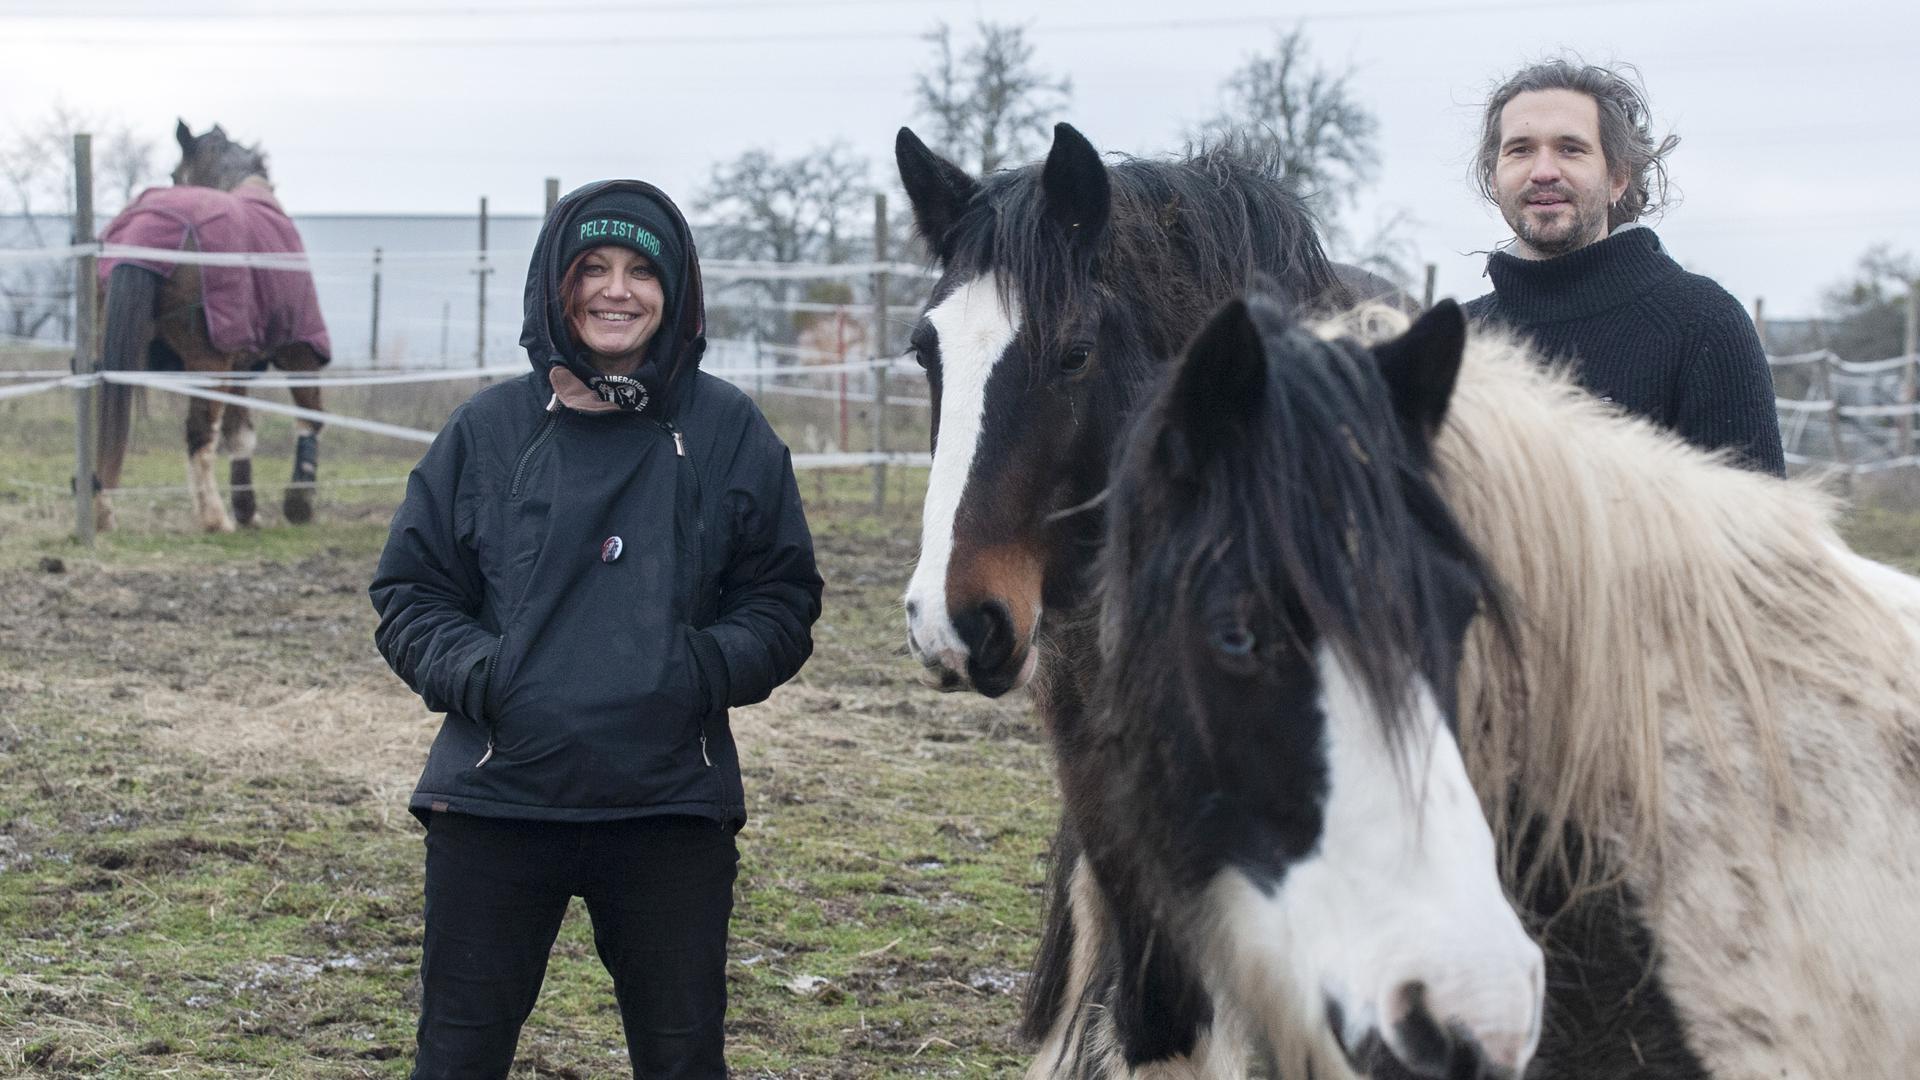 Treffen mit Helena Horvat und JohannesBänsch am 16.01.2020 auf dem Hellerhof in Knittlingen zu einem Gespräch über vegane Lebensweise.